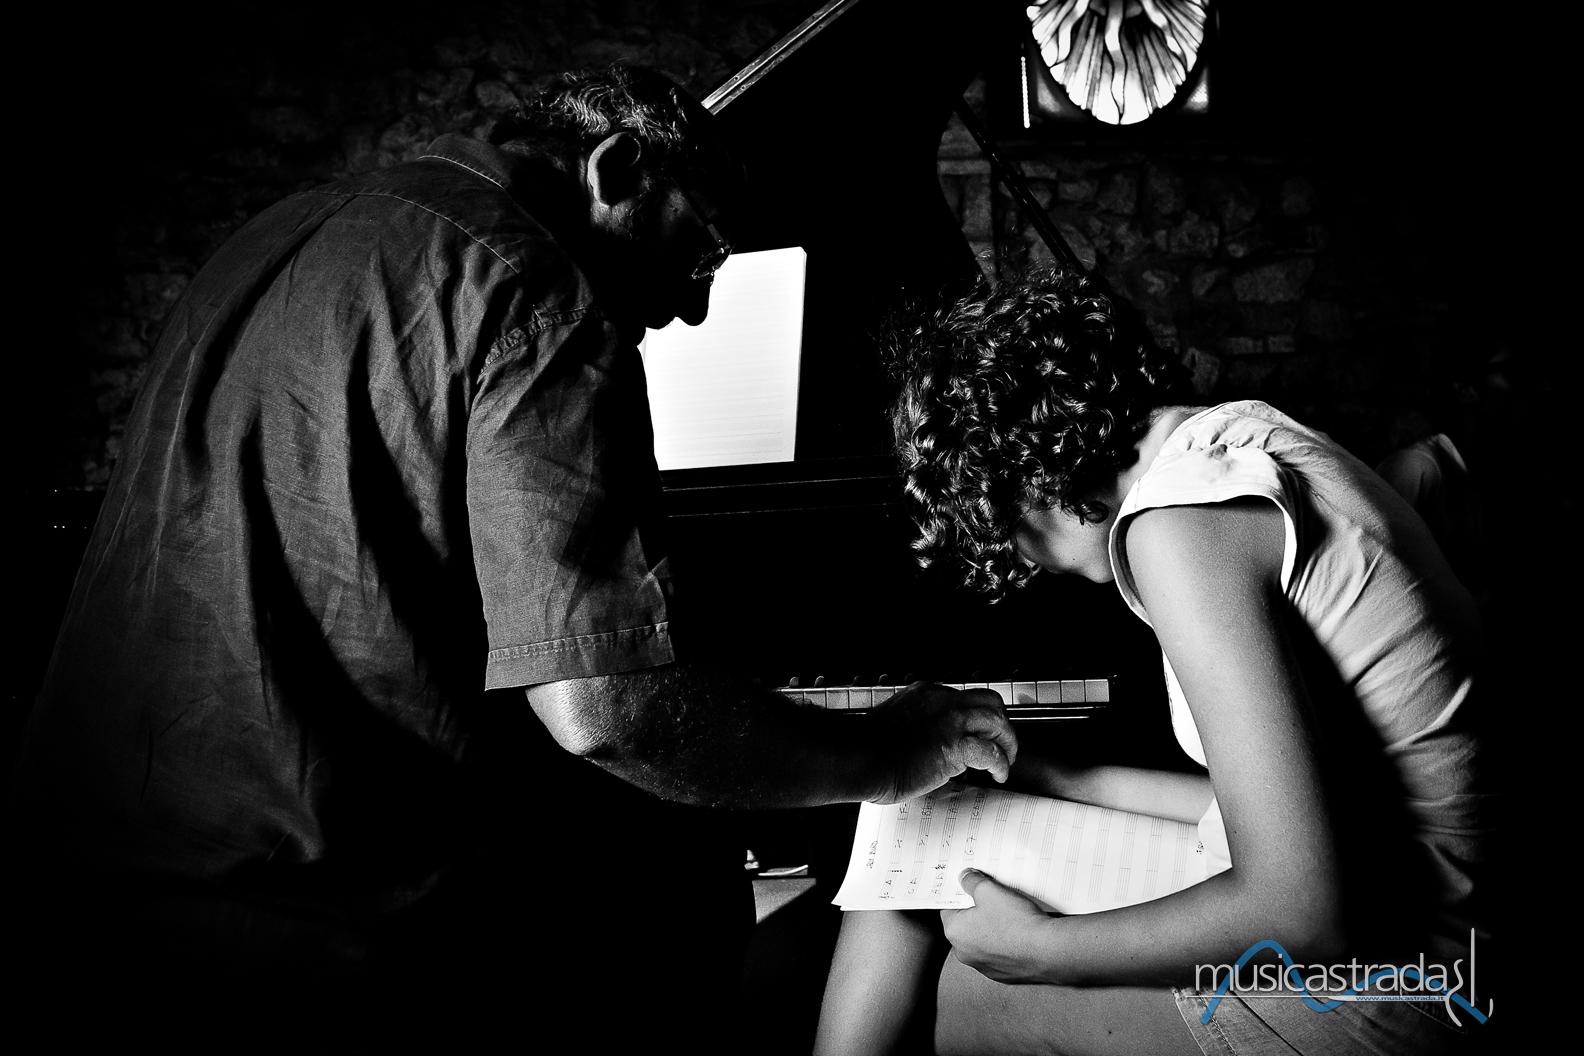 massimo_daddi_lezionidimusica_musicastrada_fotografando_la_musica_2012_3